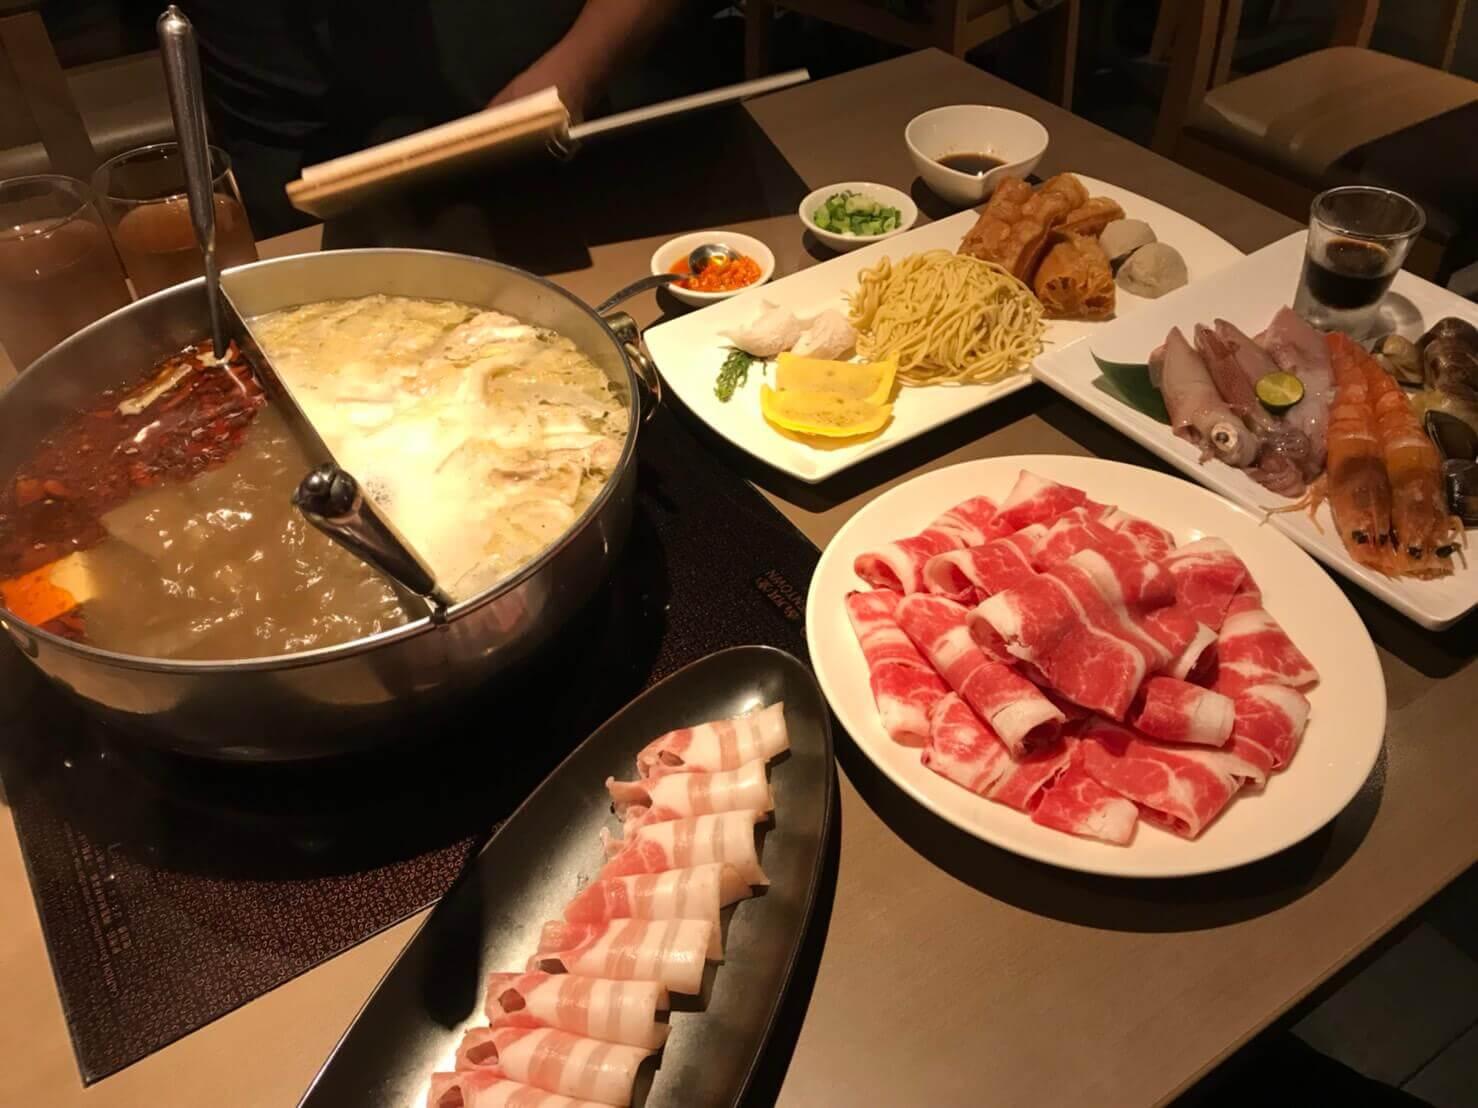 三重麻妃頂級麻辣鴛鴦鍋-新鮮食材、爽度爆表~很值得一吃得好火鍋 @秤瓶樂遊遊